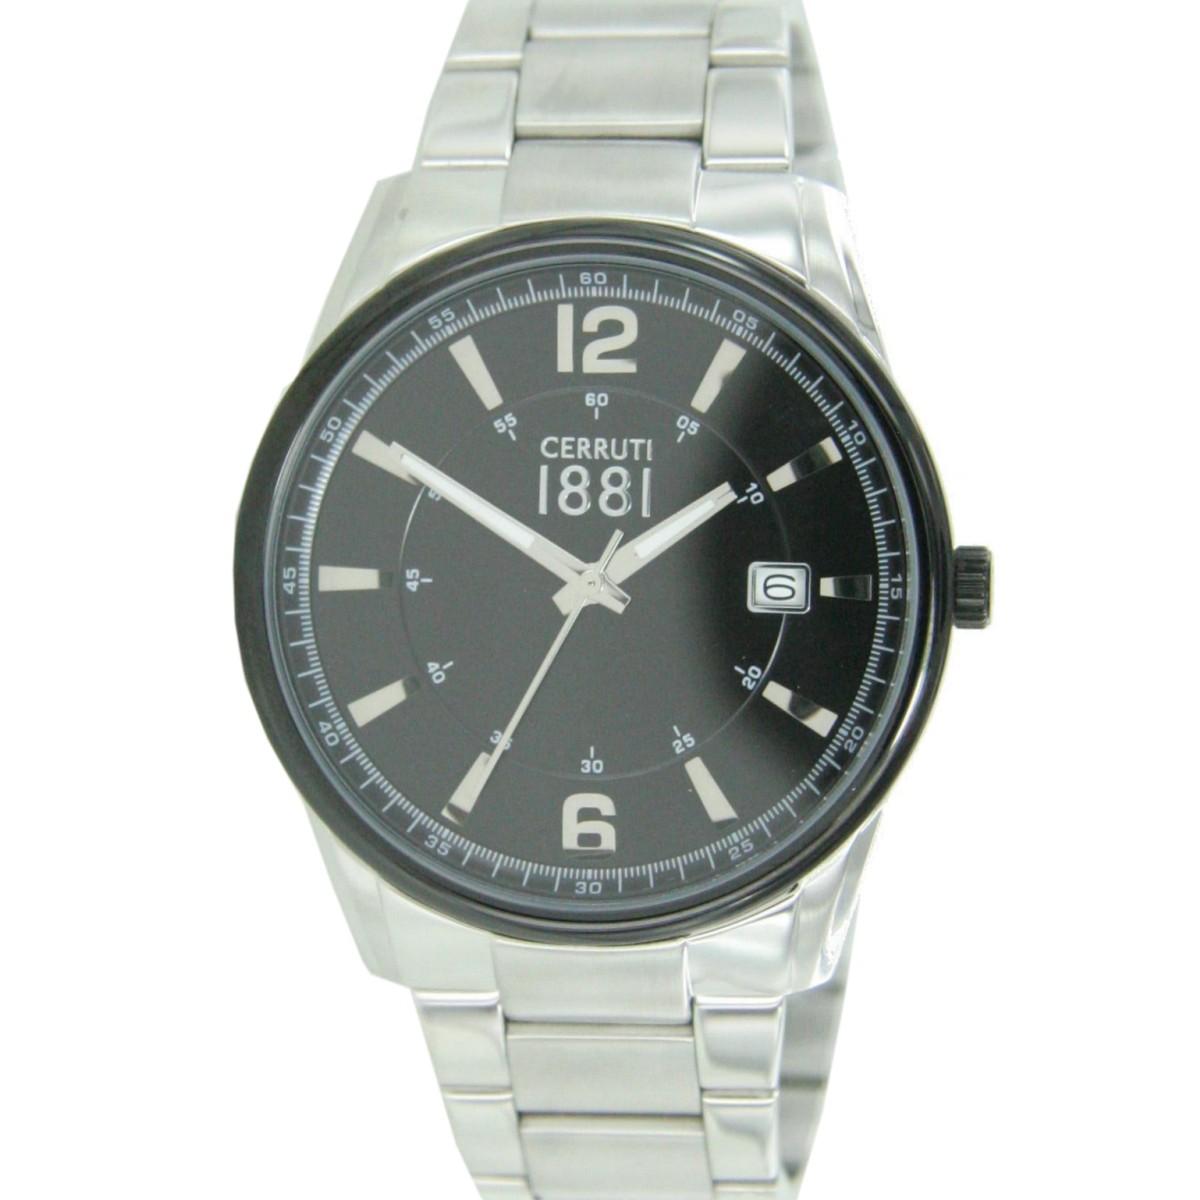 cerruti 1881 herren uhr armbanduhr edelstahl cra103stb02ms. Black Bedroom Furniture Sets. Home Design Ideas